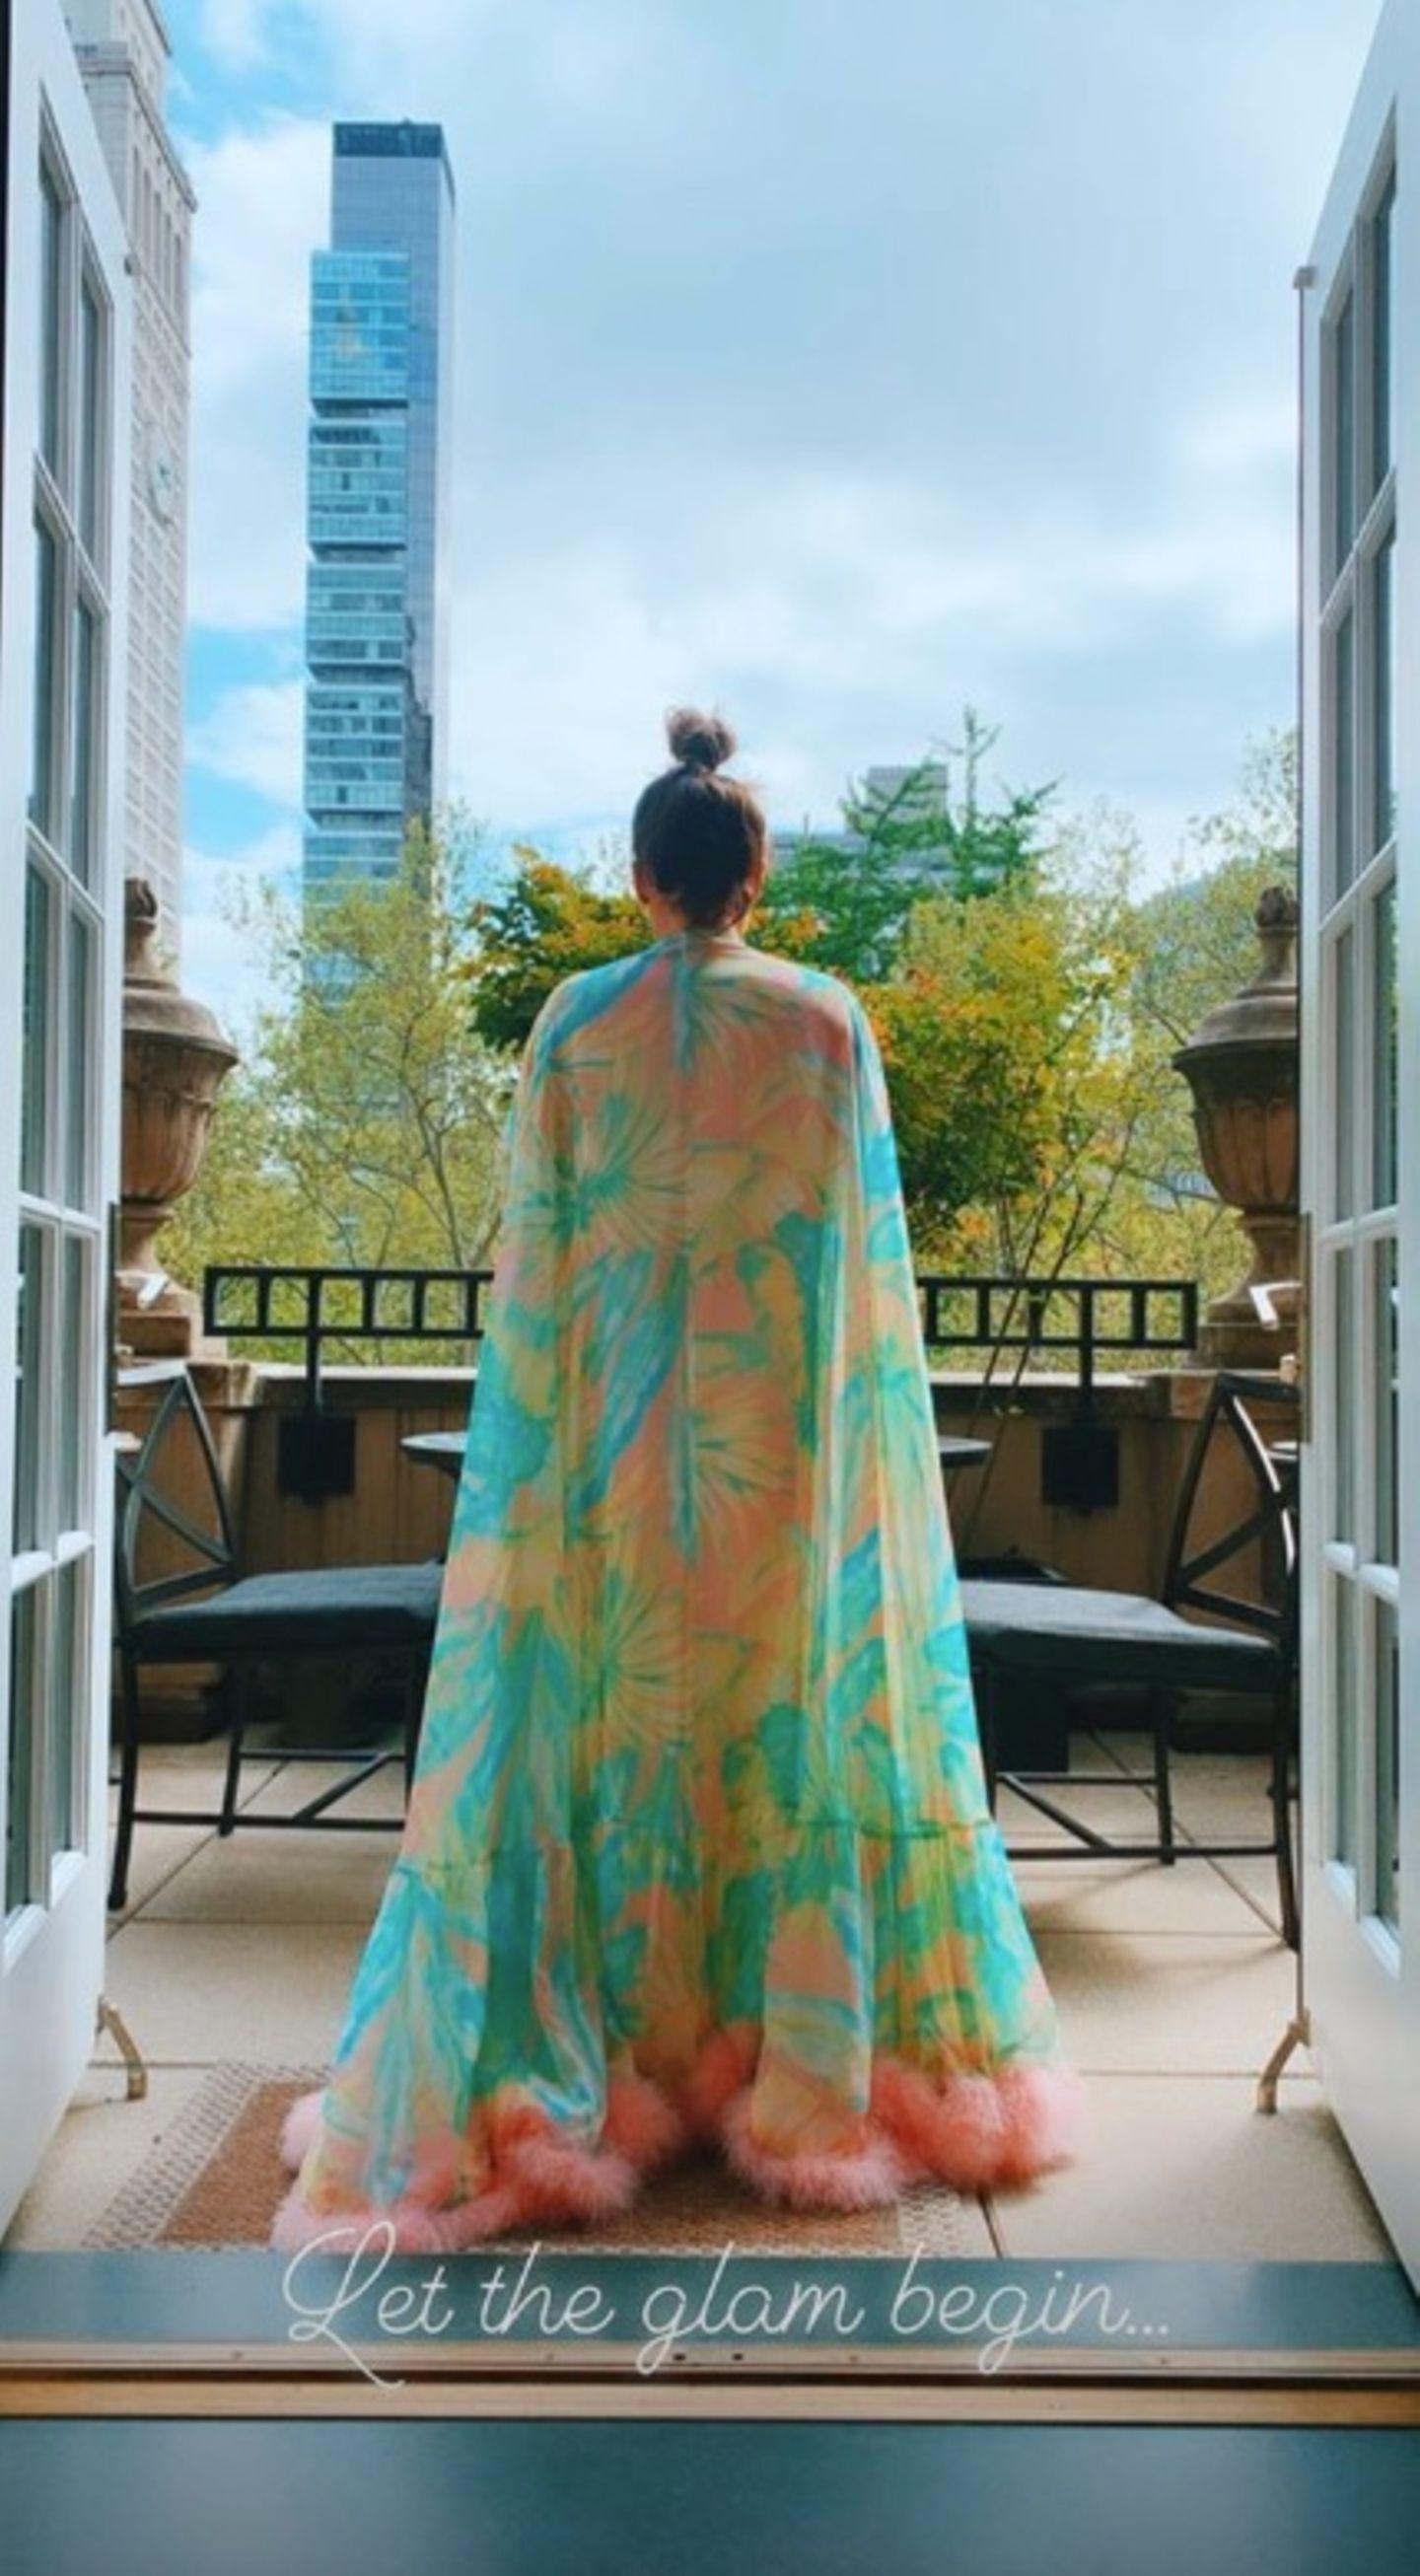 In einem glamourösen Bademantel genießtJennifer Lopez noch einmal die Ruhe, bevor sie sichfür die große Met Gala stylen lässt.